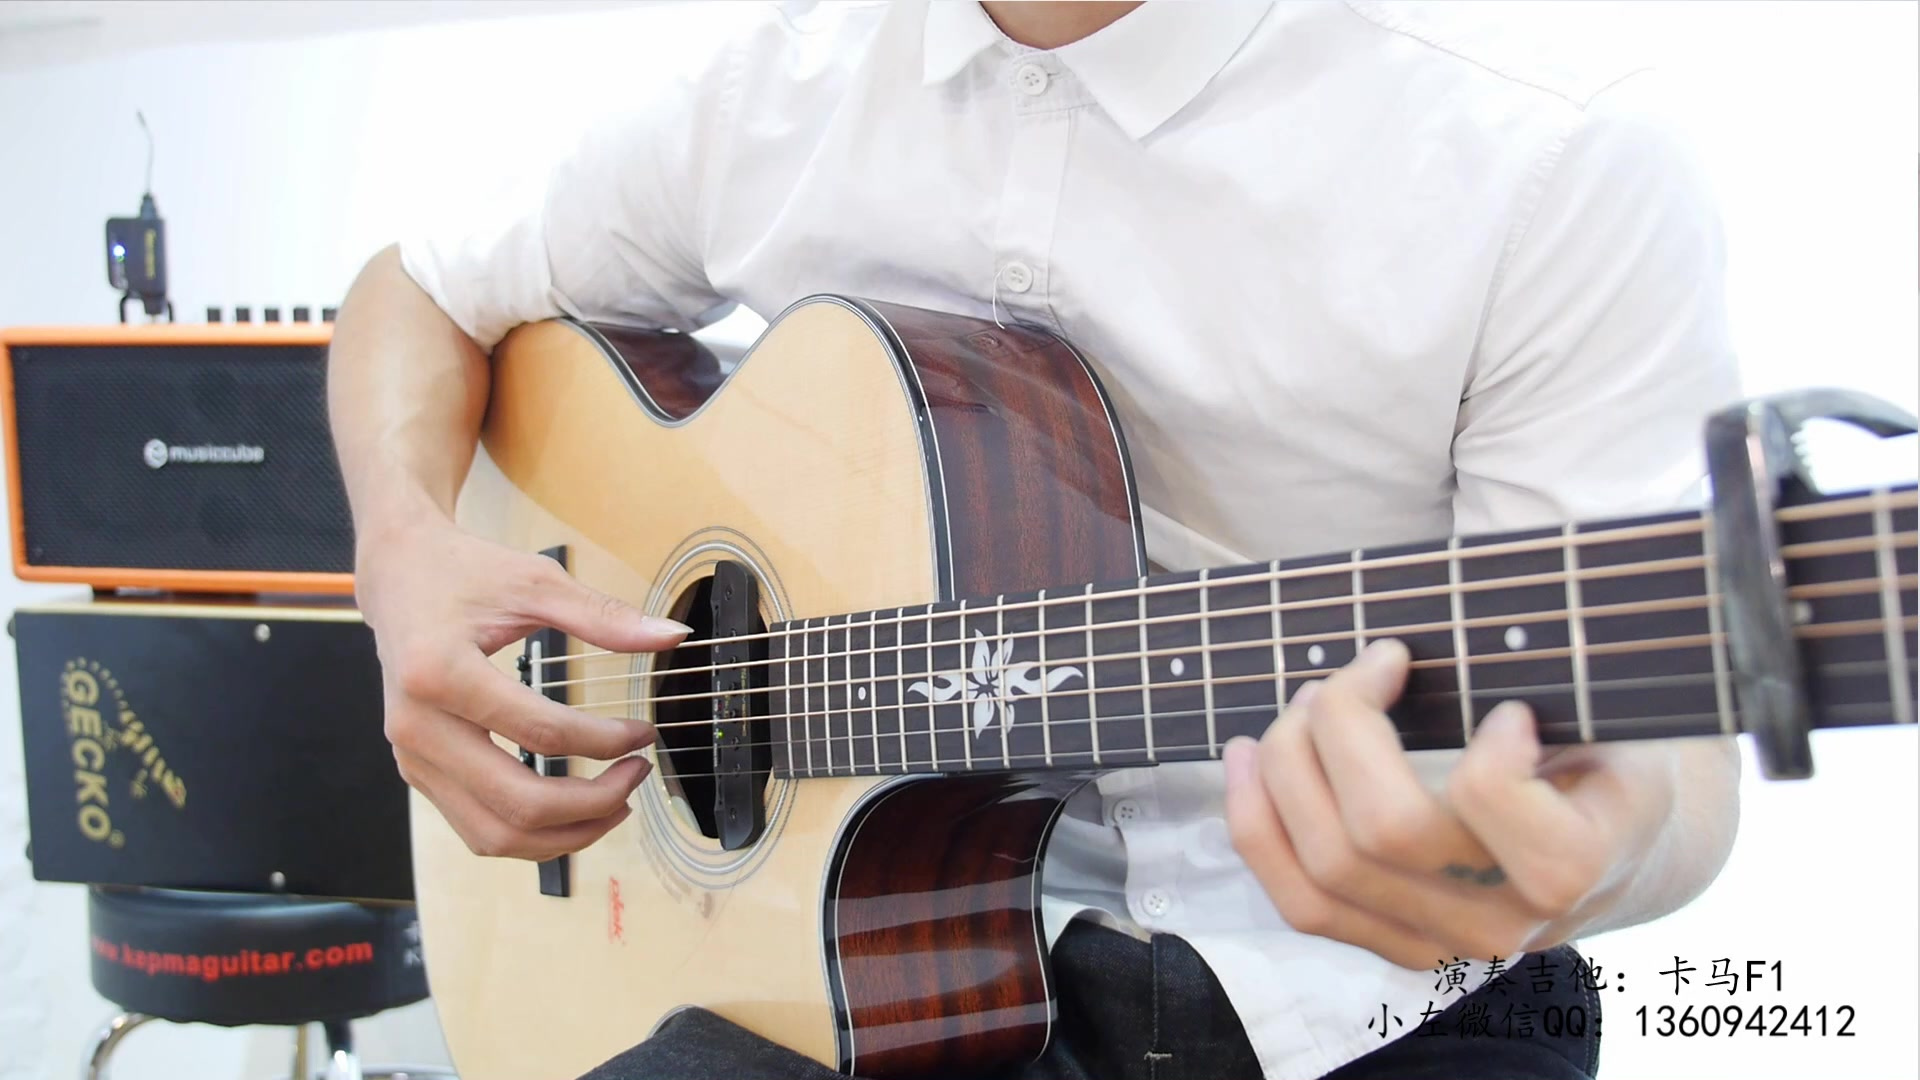 女人花吉他指弹 叶锐文摇指版本 小左吉他弹奏 梅艳芳图片